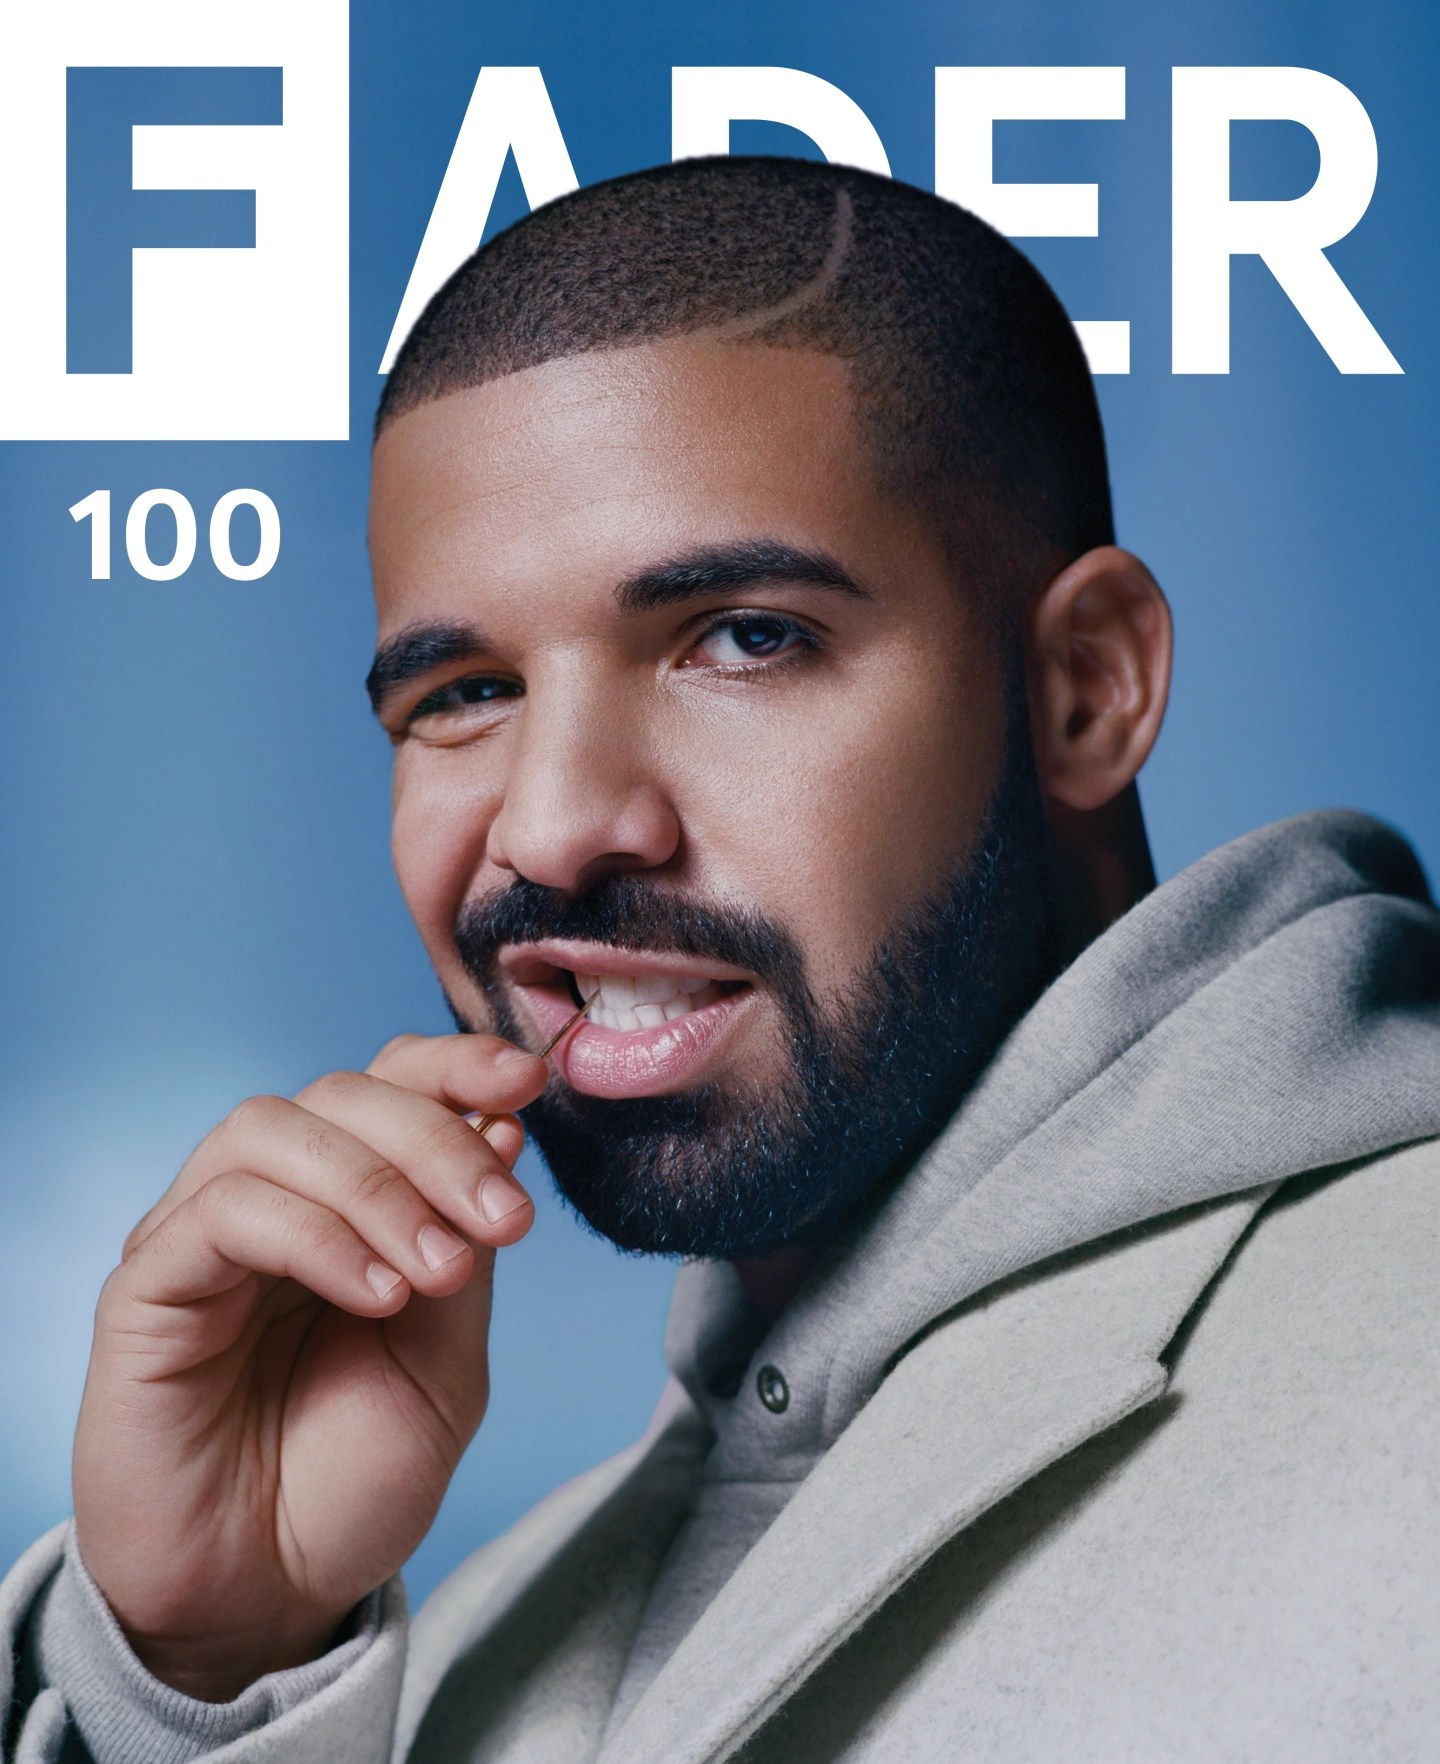 Like Im Supposed To Drake : supposed, drake, Drake, FADER